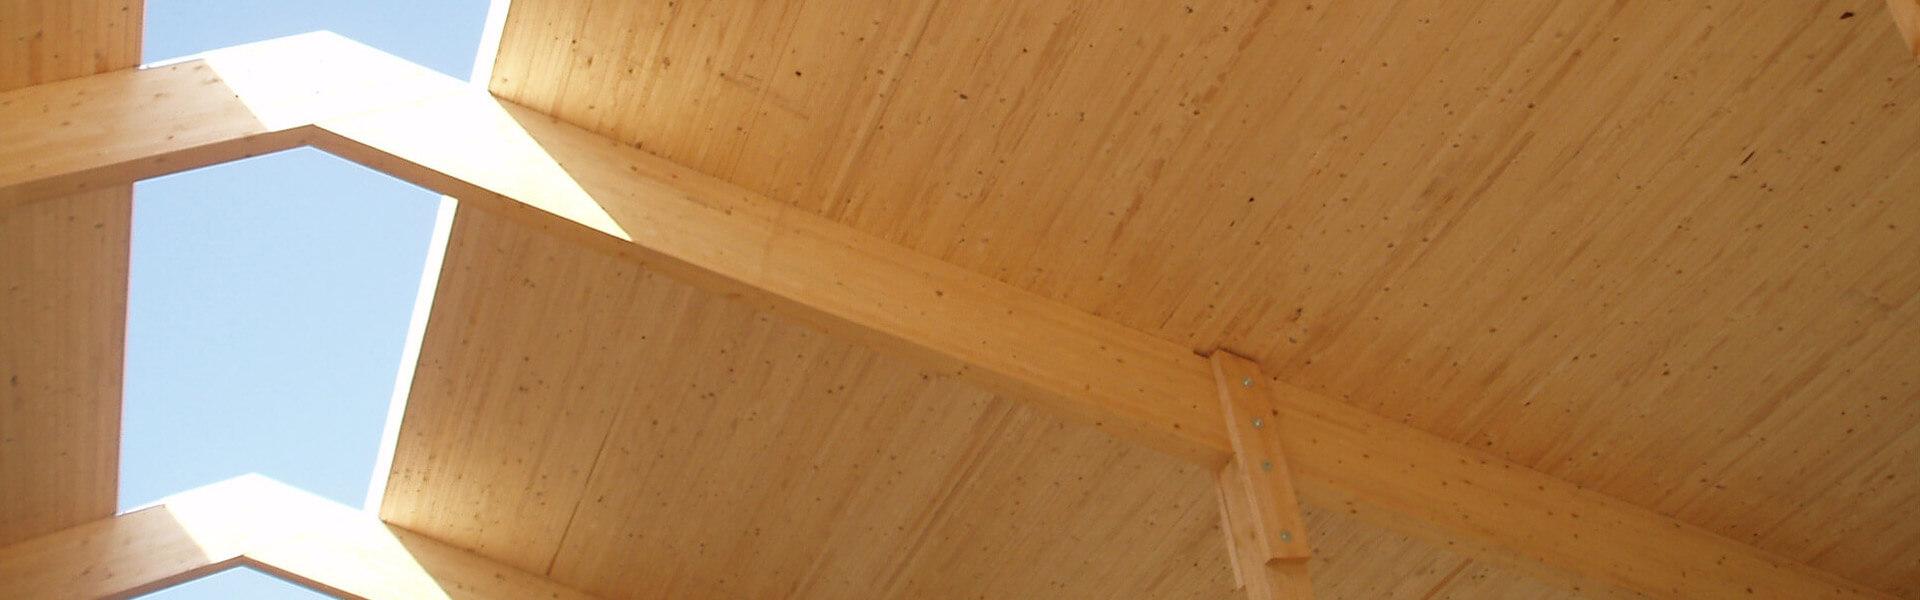 Holzdach bei Holzbau Reichart in Marktoberdorf im Allgäu